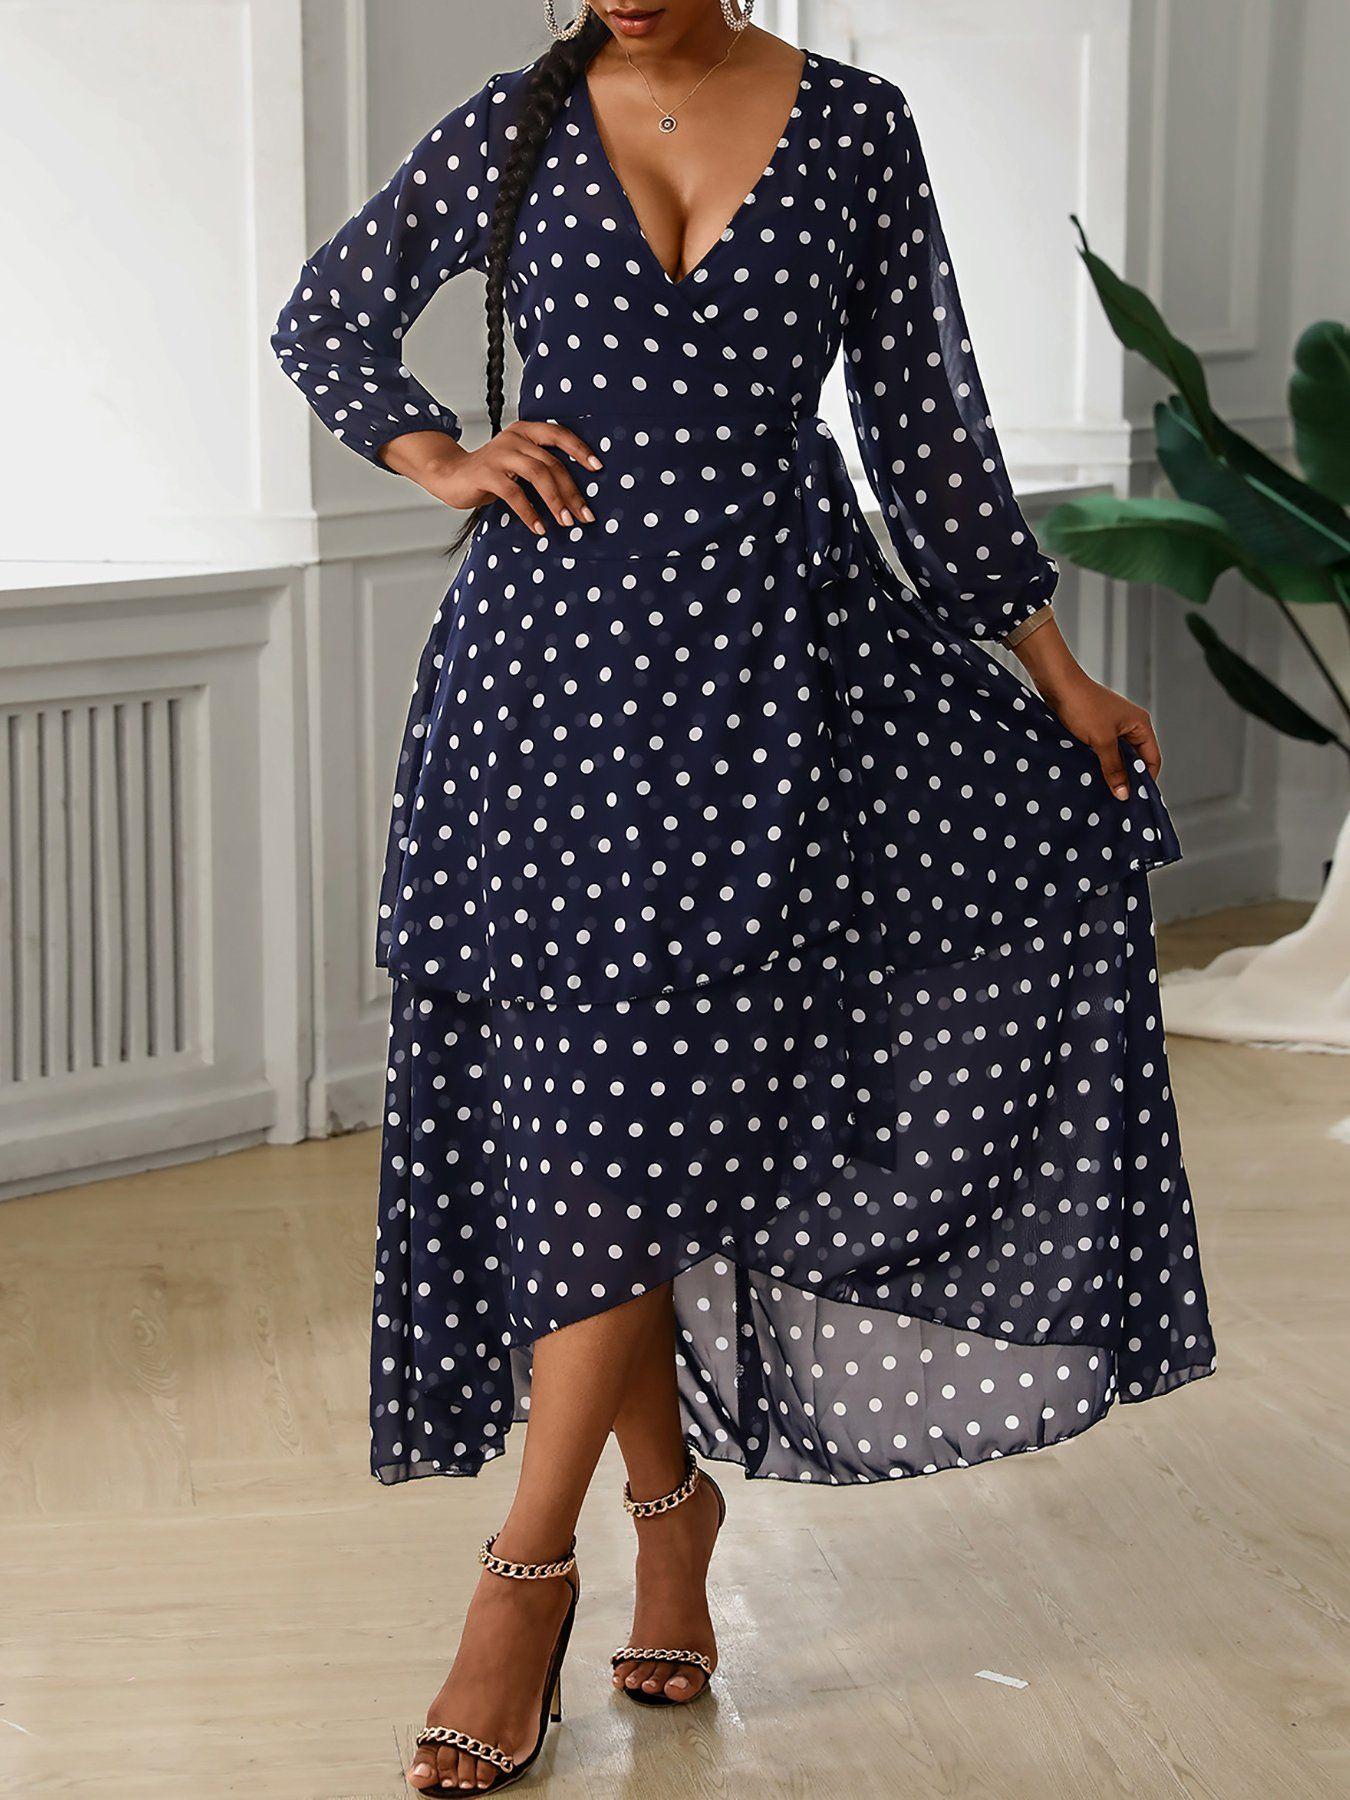 Polka Dot Chiffon Polka Dot Print Layered Hem Maxi Dress Blue L In 2021 [ 1800 x 1350 Pixel ]